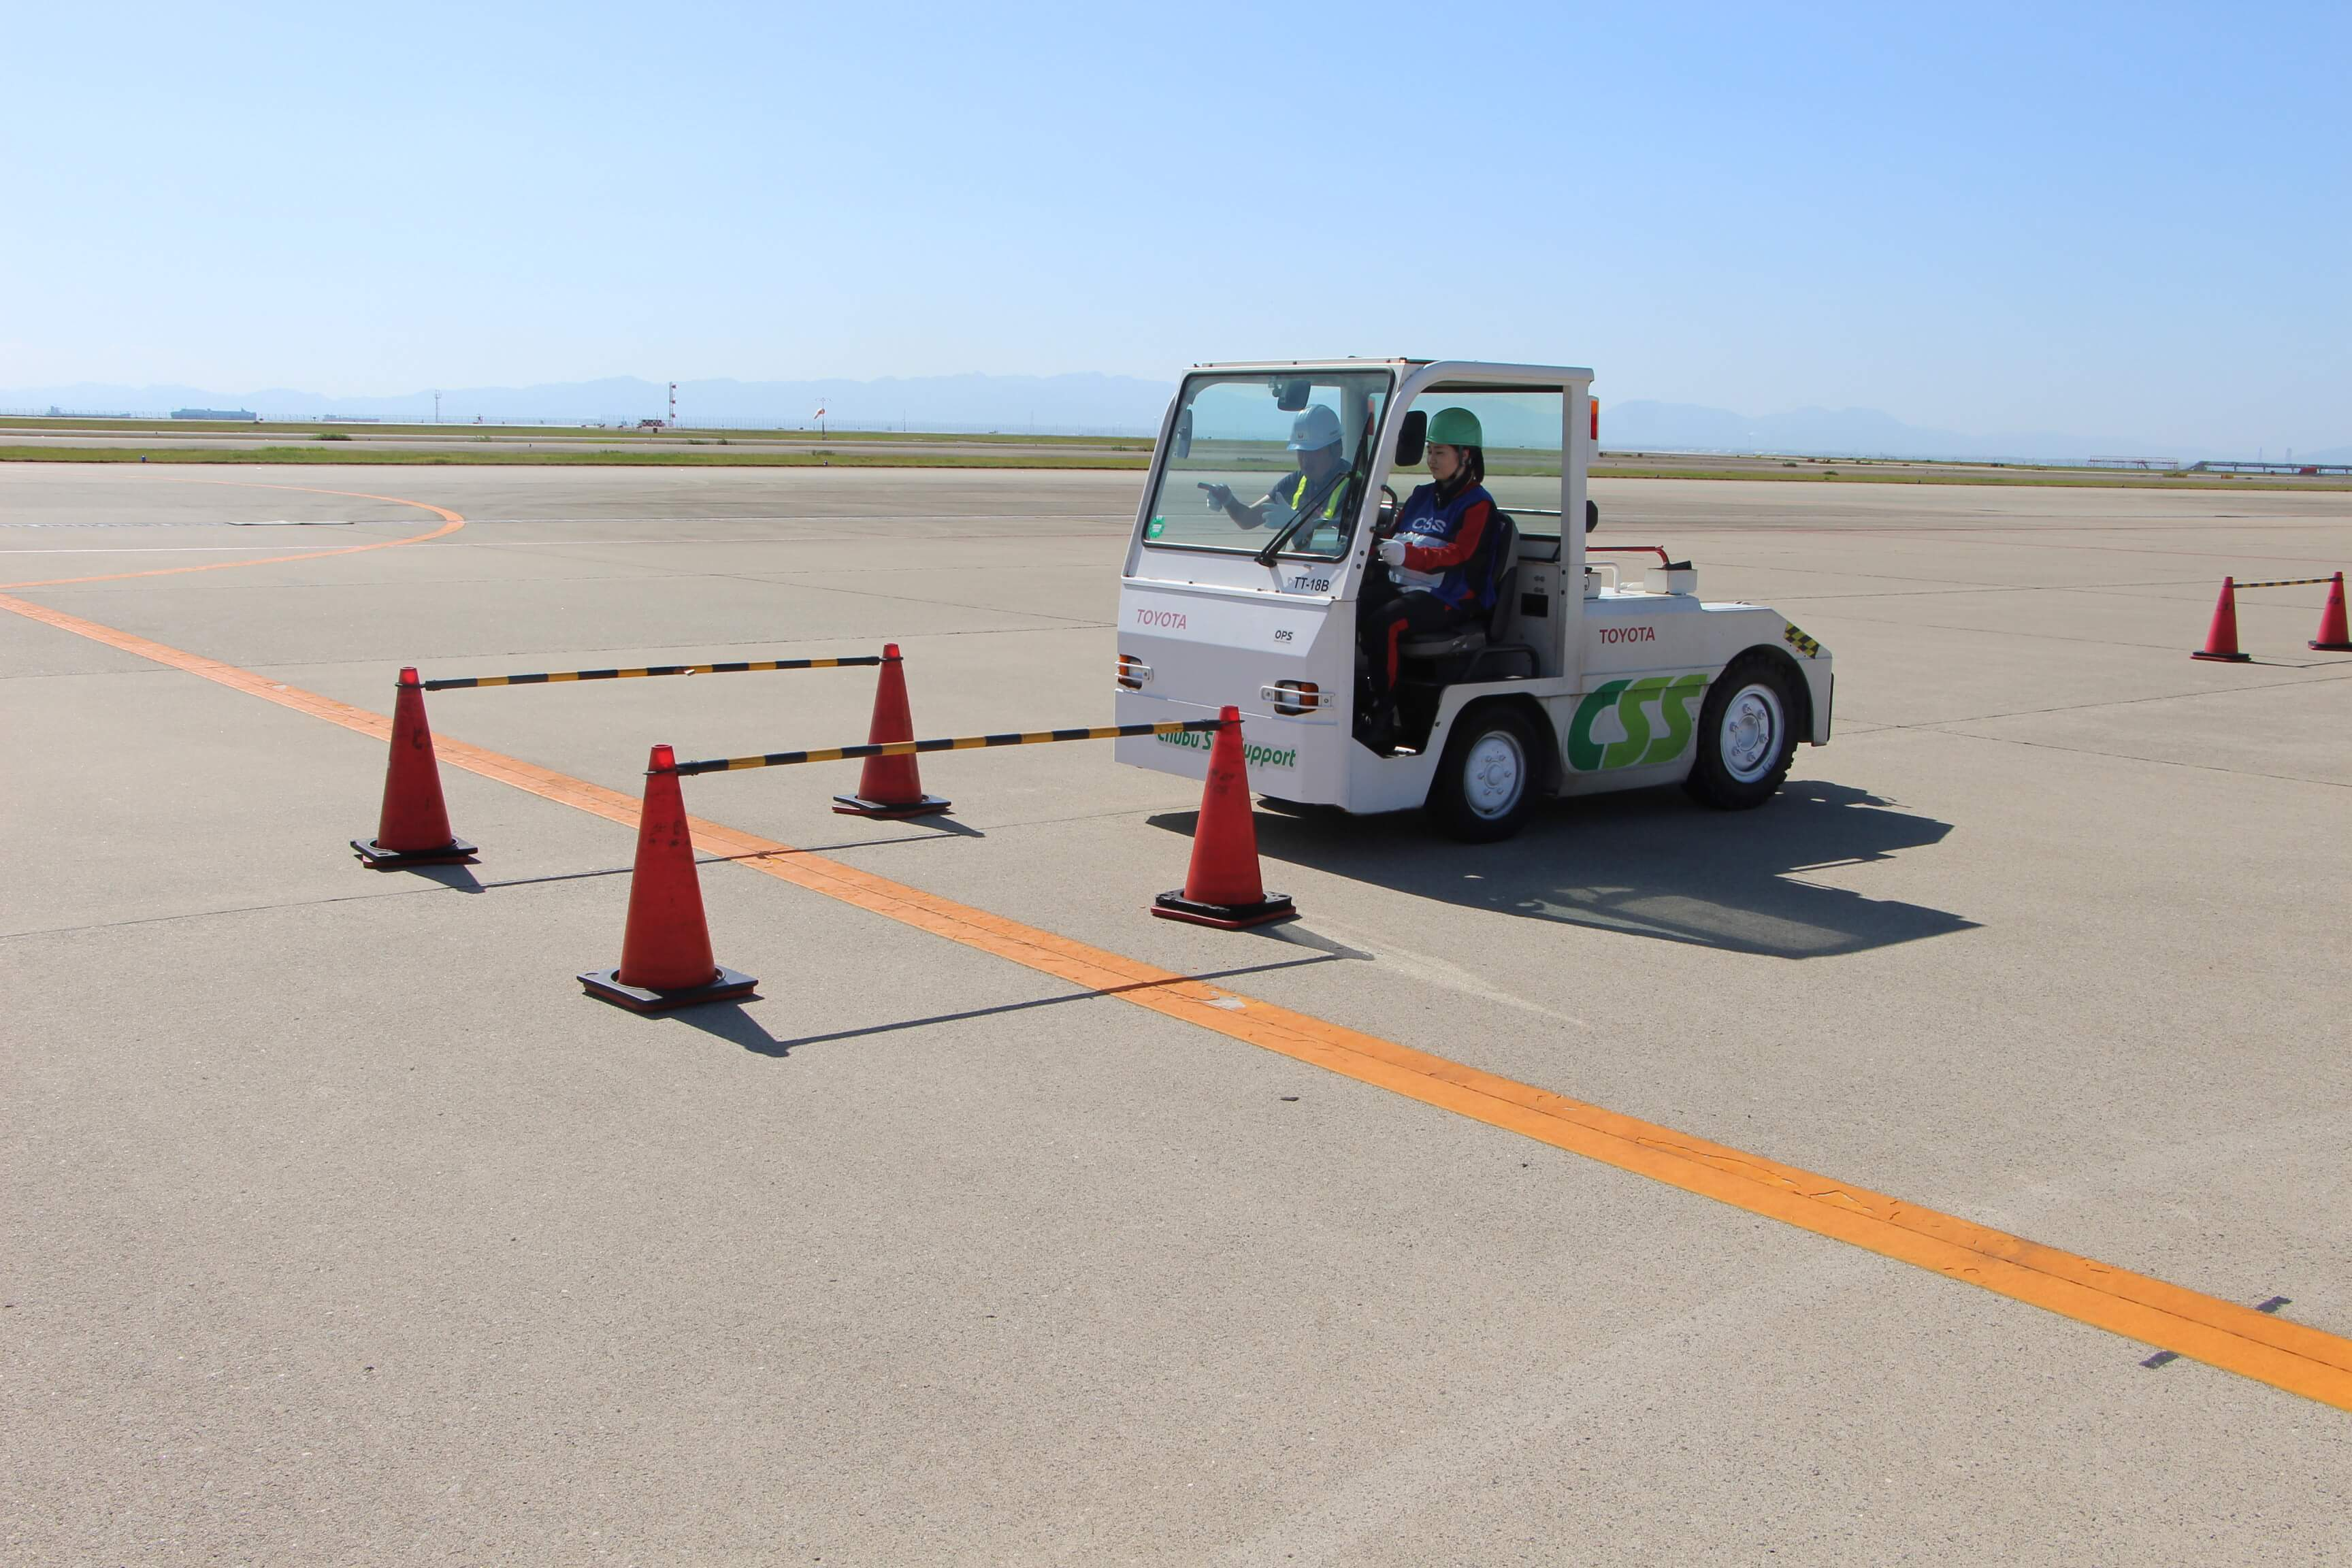 07研修制度大卒も専門卒も「航空機が飛ぶしくみ」から丁寧に指導。世話役制度でフォローします。